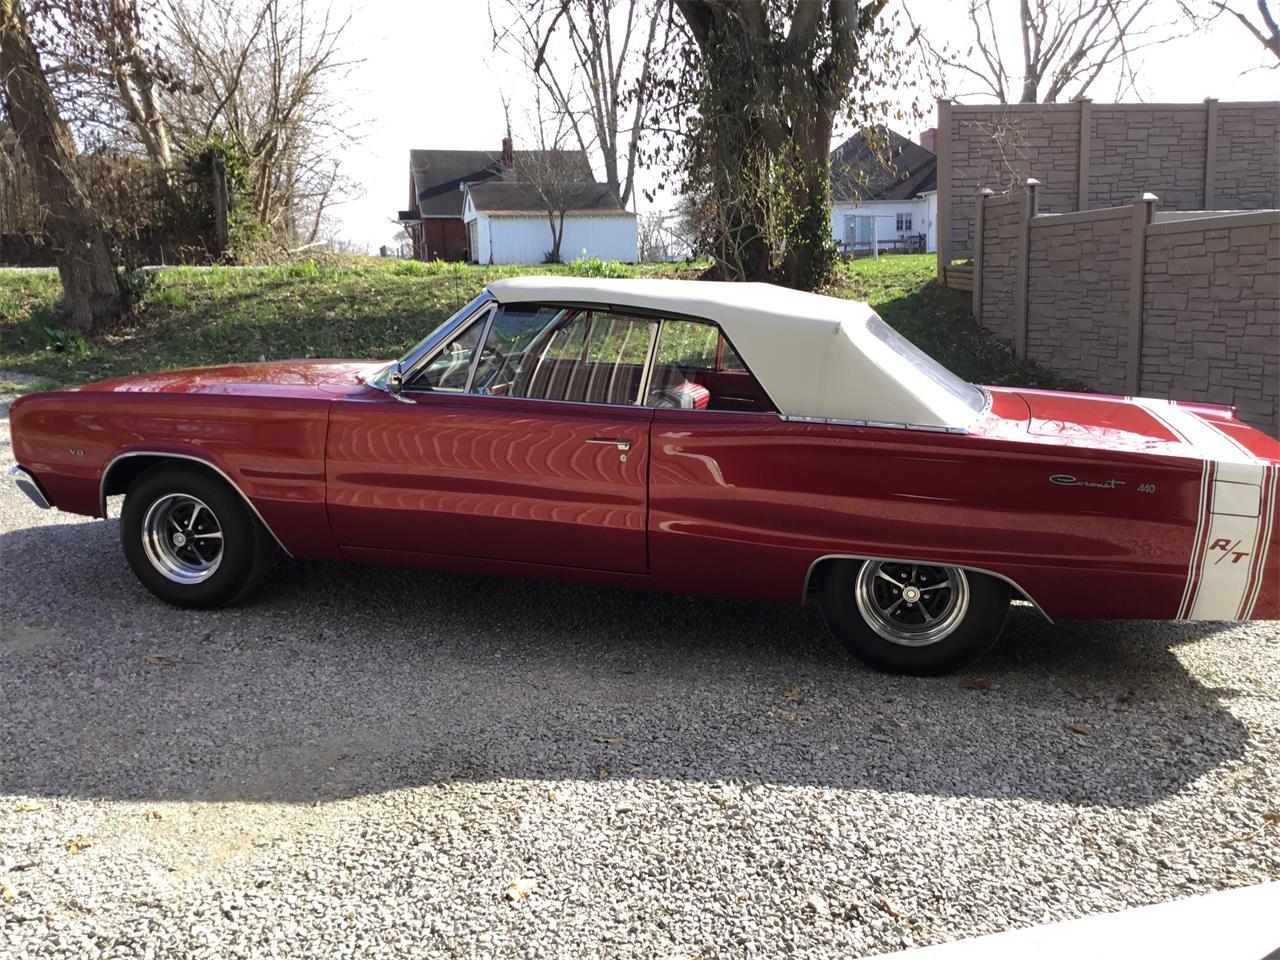 1966 Dodge Coronet 440 For Sale In Albion Il Classiccarsbay Com